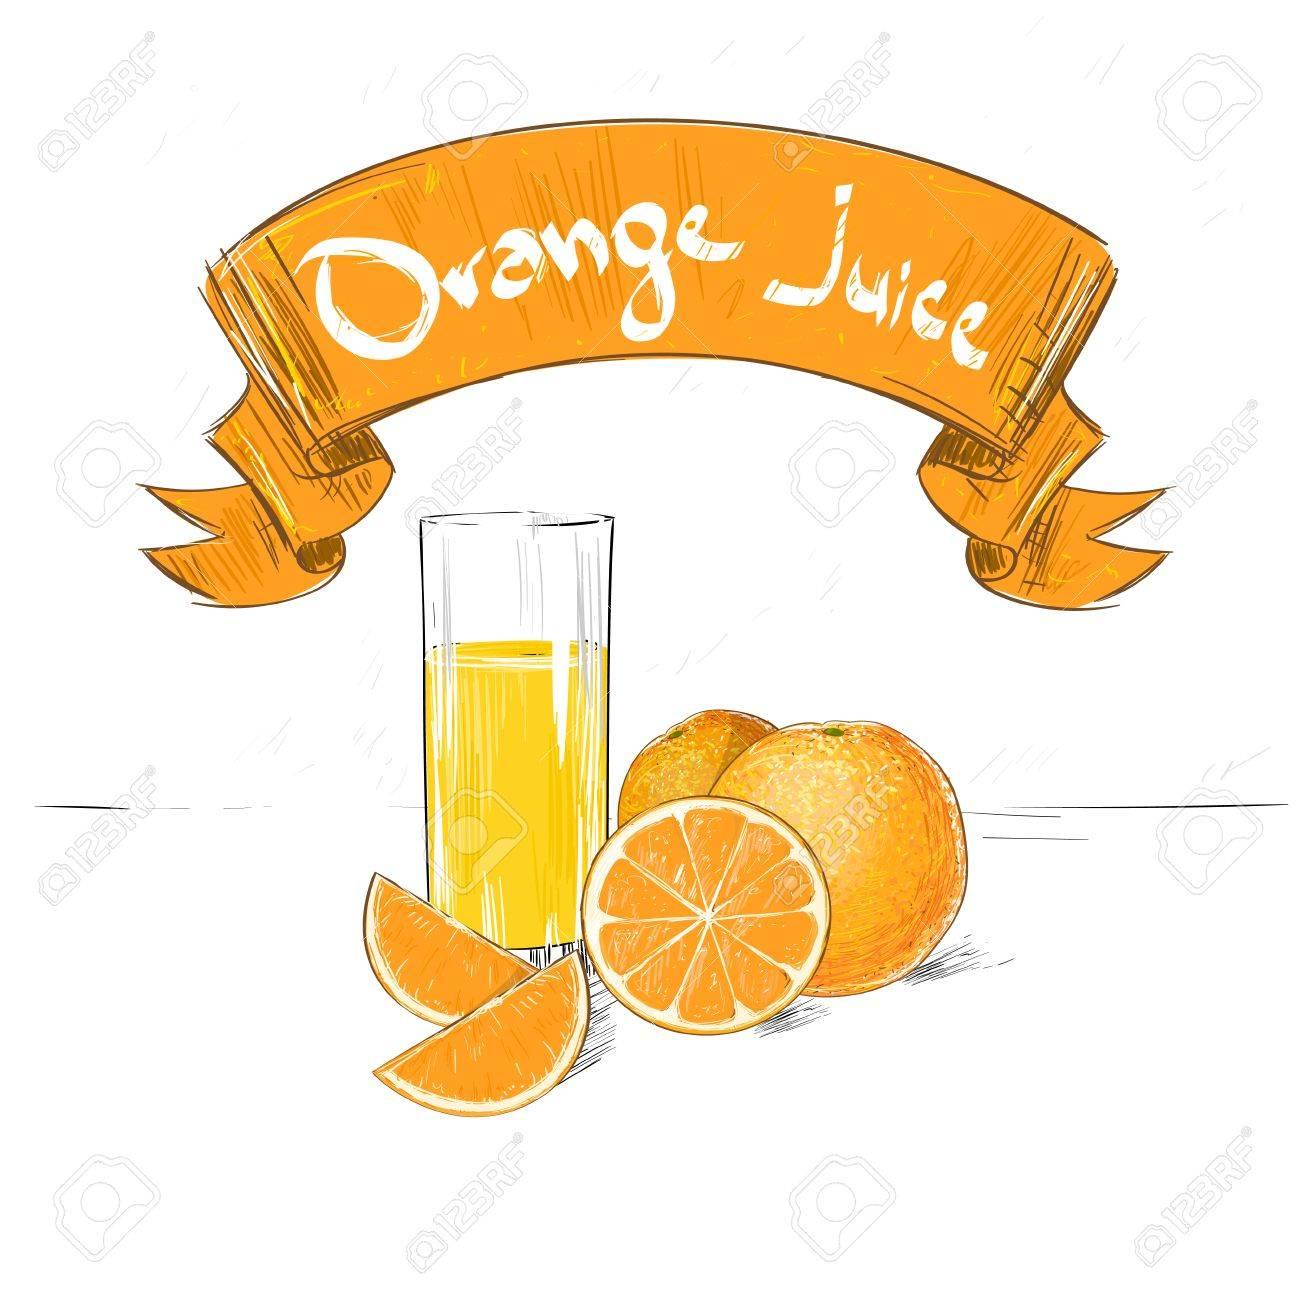 Oranges Jus De Fruits D Agrumes Avec Croquis De Verre Dessin Avec Le Texte Bannière